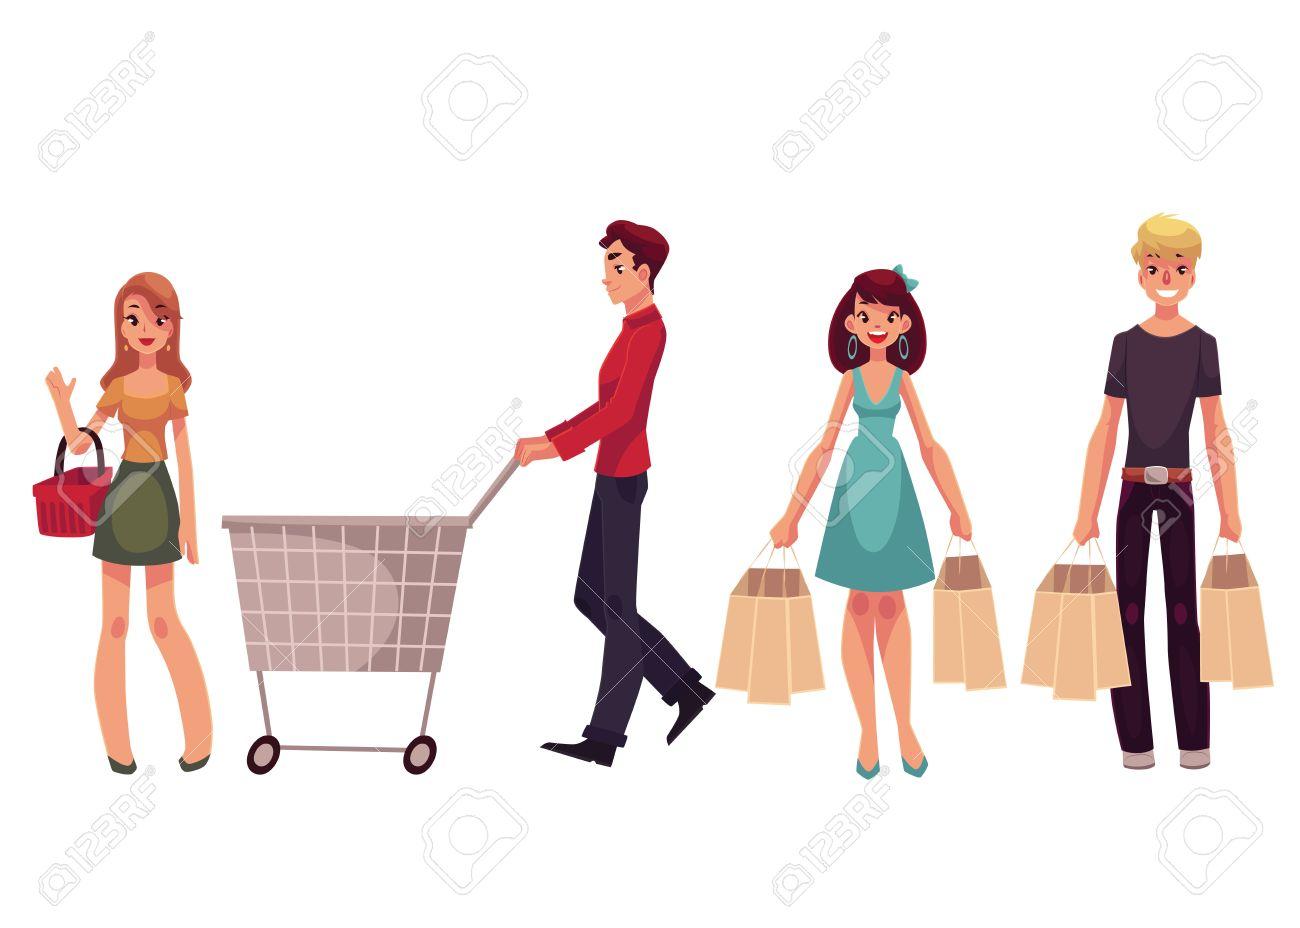 cd307649b Los Hombres Jóvenes Y Las Mujeres Con Bolsas De La Compra, Carrito, Cesta,  Ilustración Vectorial De Dibujos Animados Aislados En El Fondo Blanco.